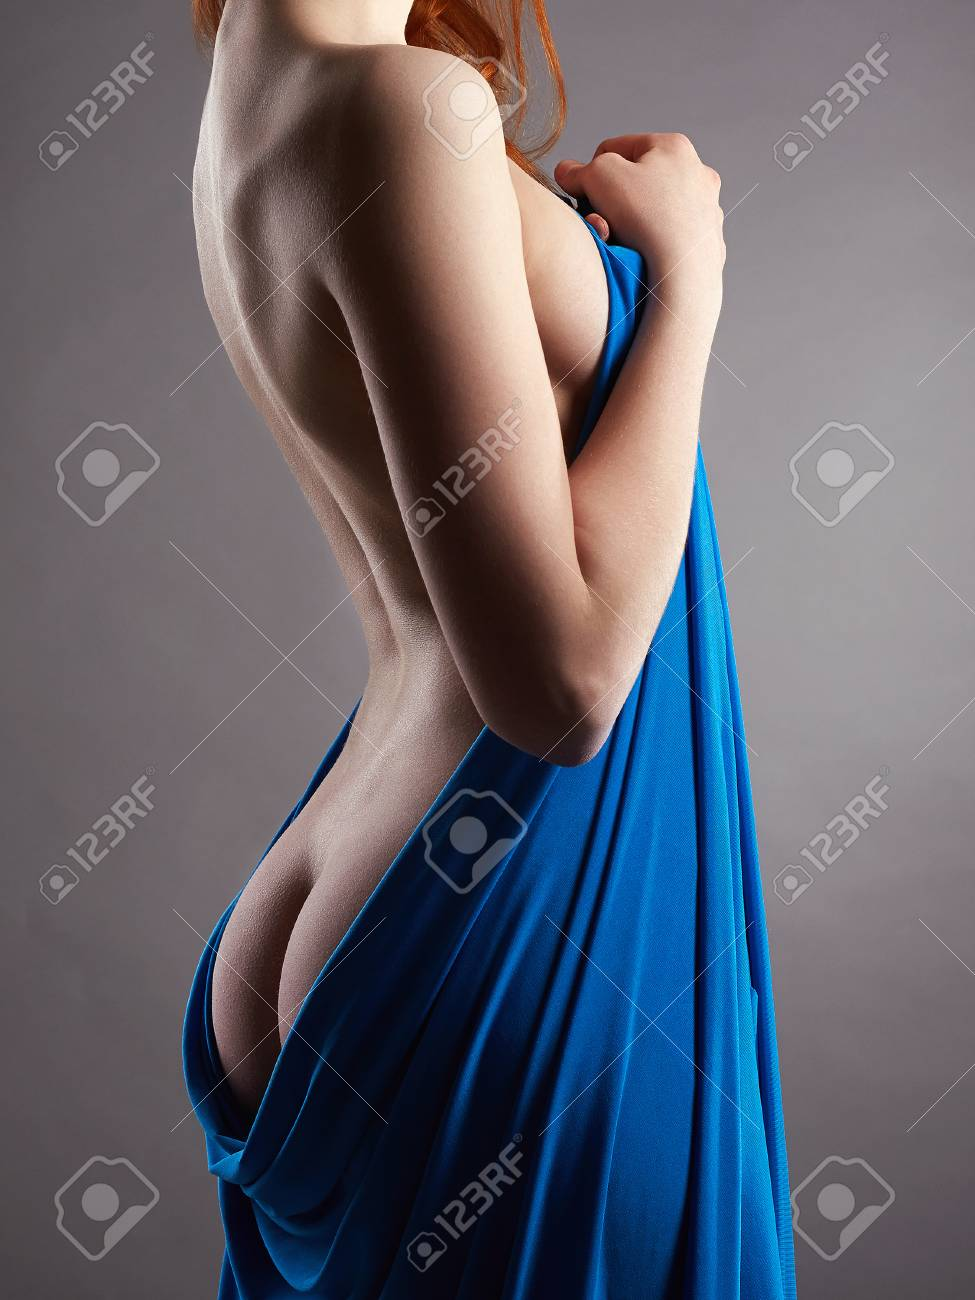 Boobs of a hot girl